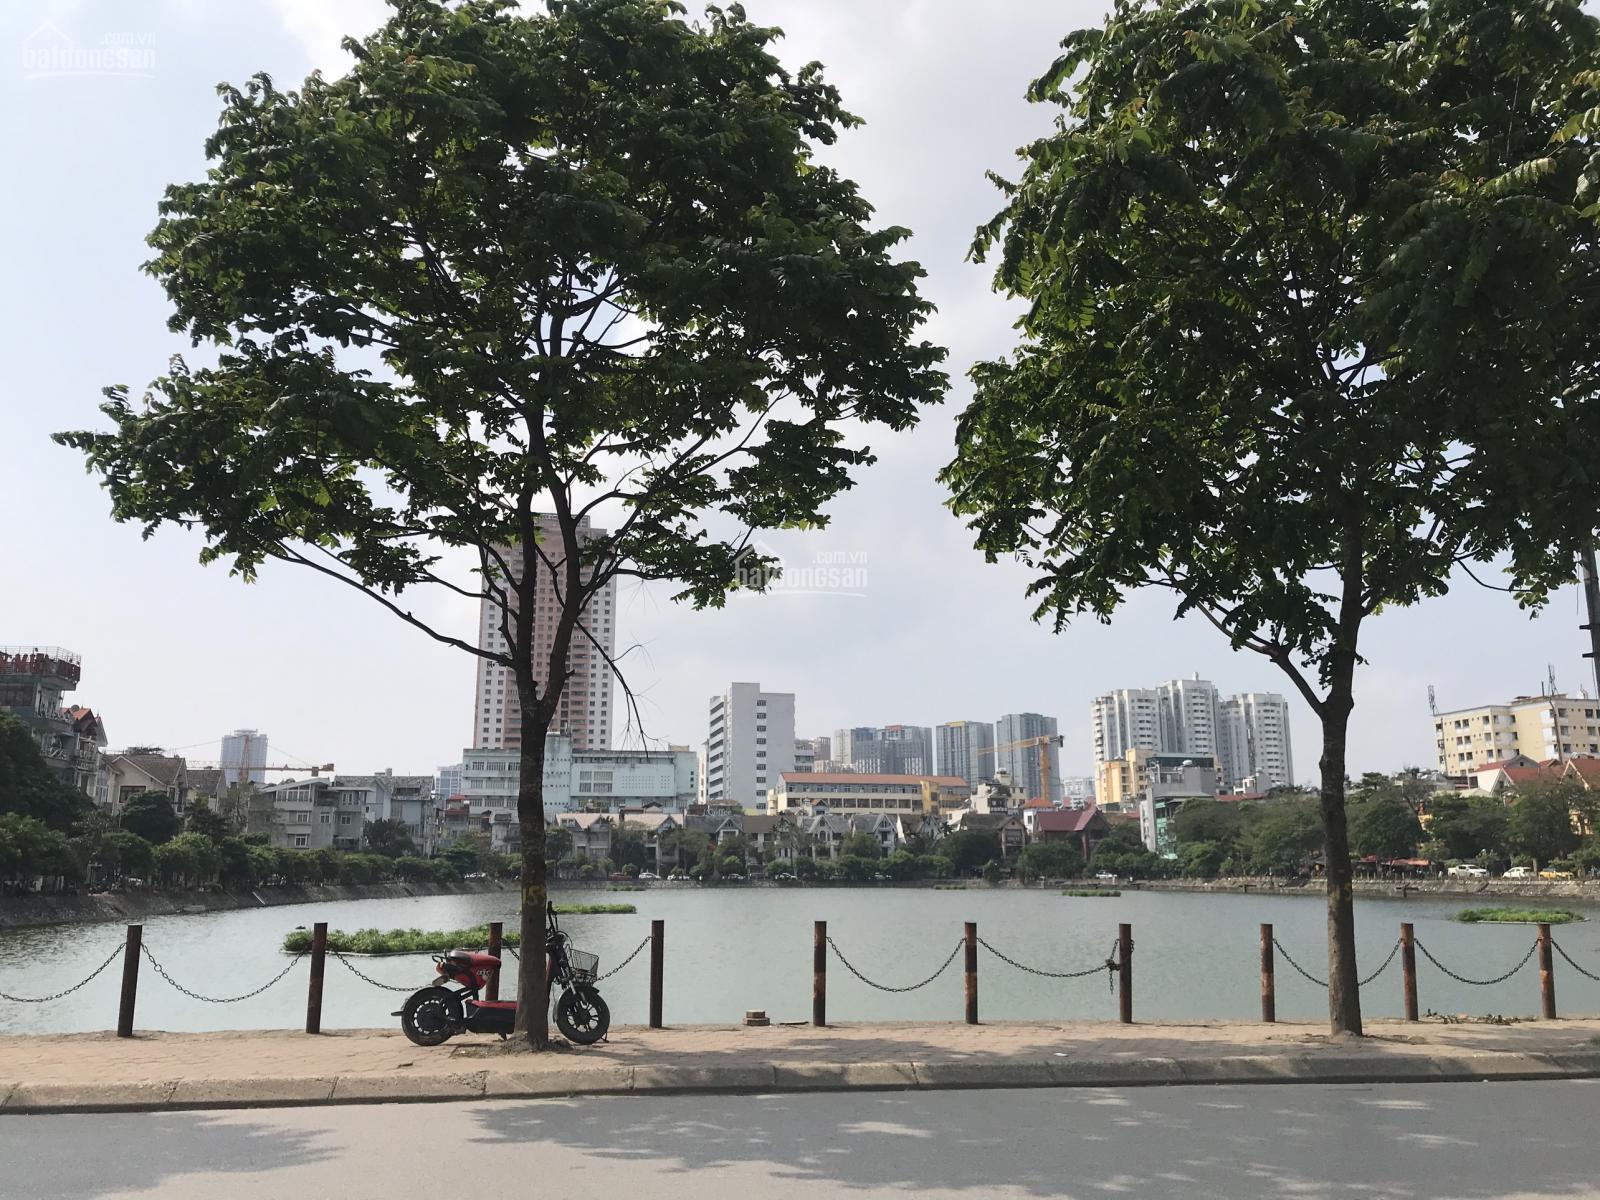 Bán liền kề lô góc mặt đường Nguyễn Khuyến, Văn Quán, vị trí KD, chuẩn 135m2, giá TL 0903491385